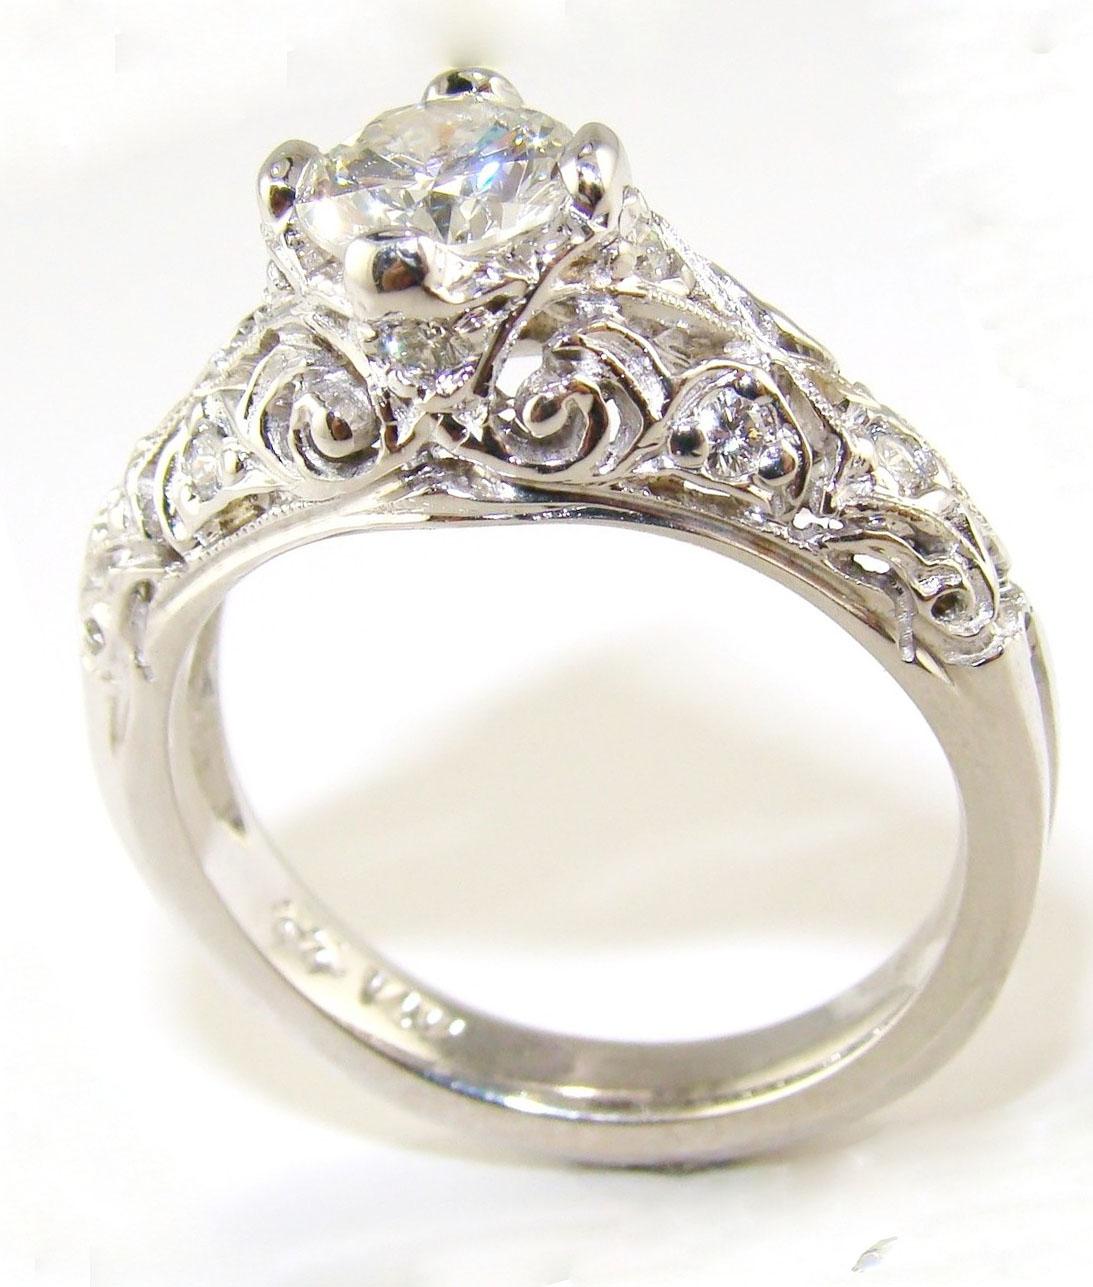 Beautiful Wedding Rings 033 - Beautiful Wedding Rings